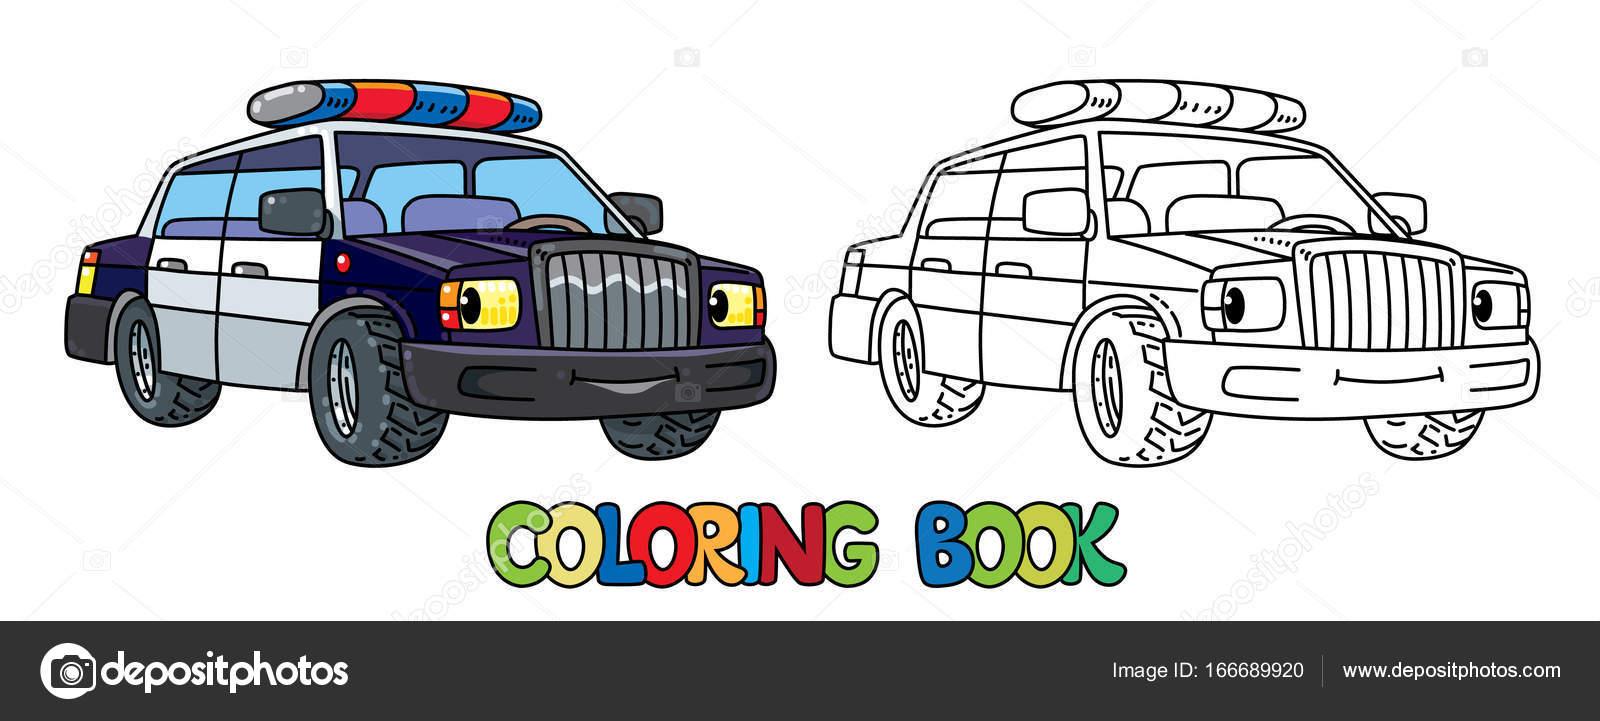 Kleurplaten Politieauto.Grappige Kleine Politie Auto Met Ogen Kleurboek Stockvector